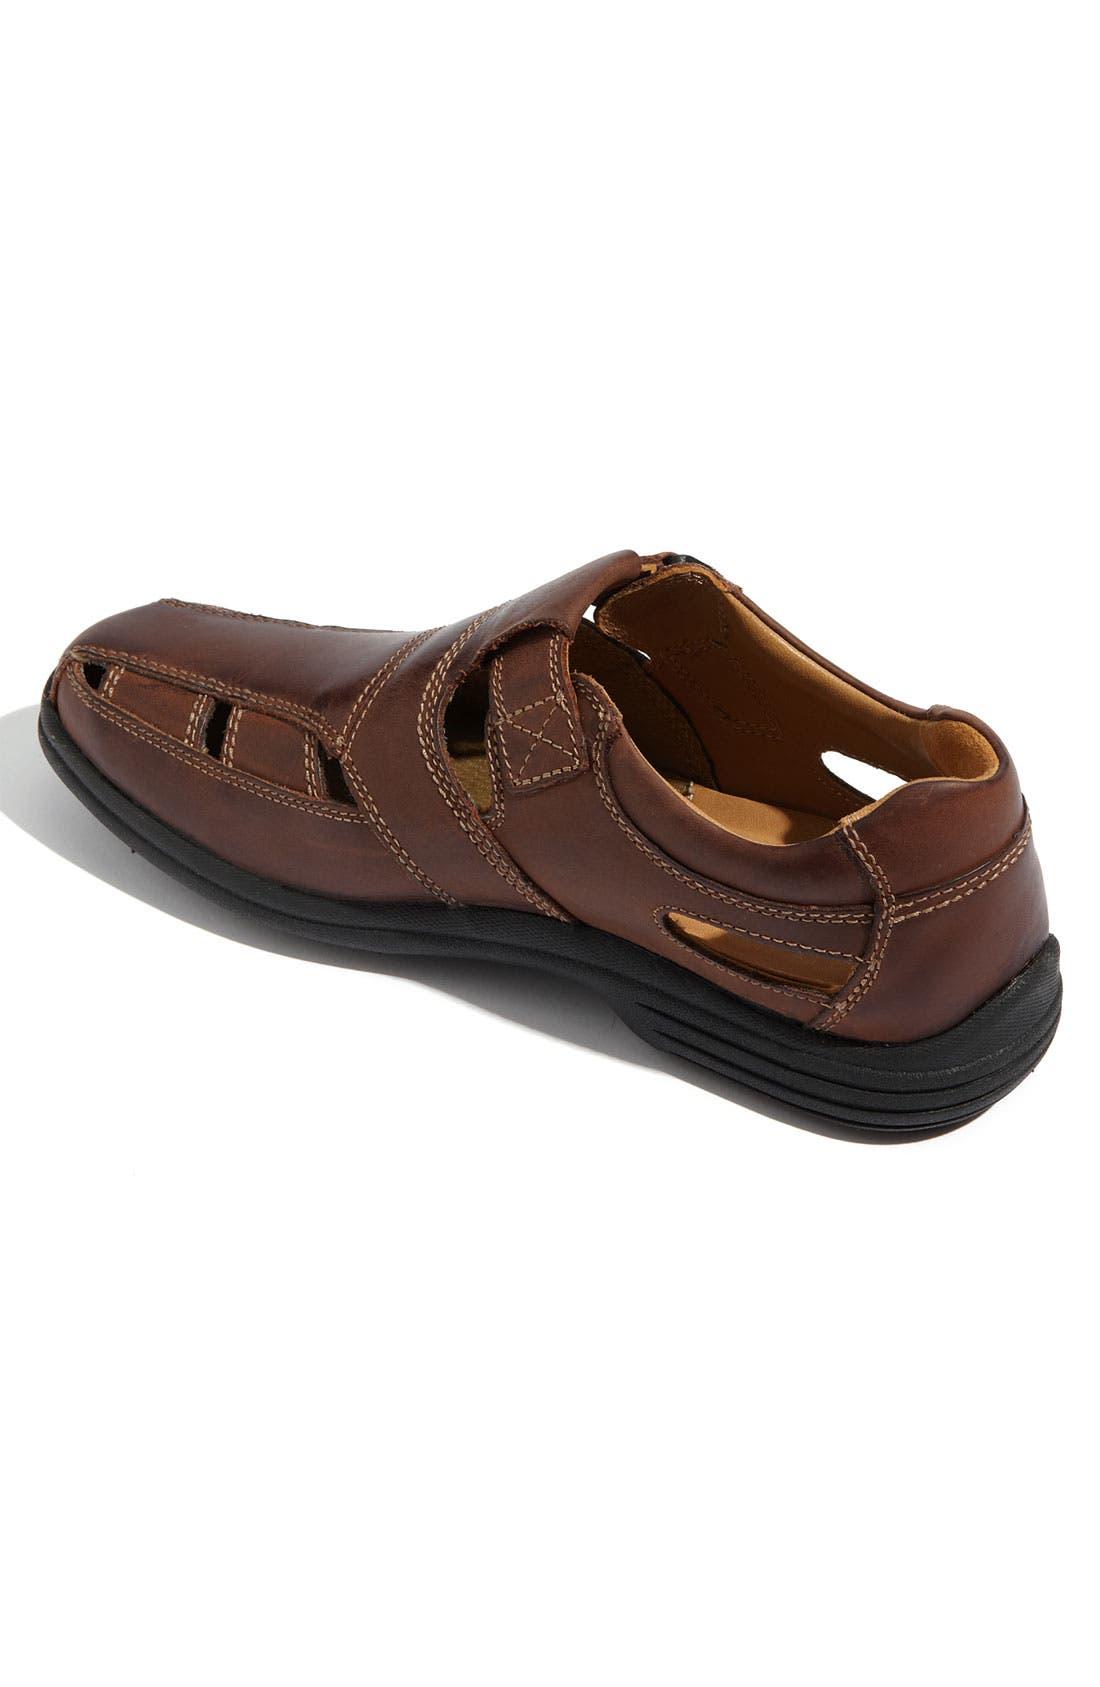 Alternate Image 2  - Johnston & Murphy 'Cammon' Sandal (Online Only)